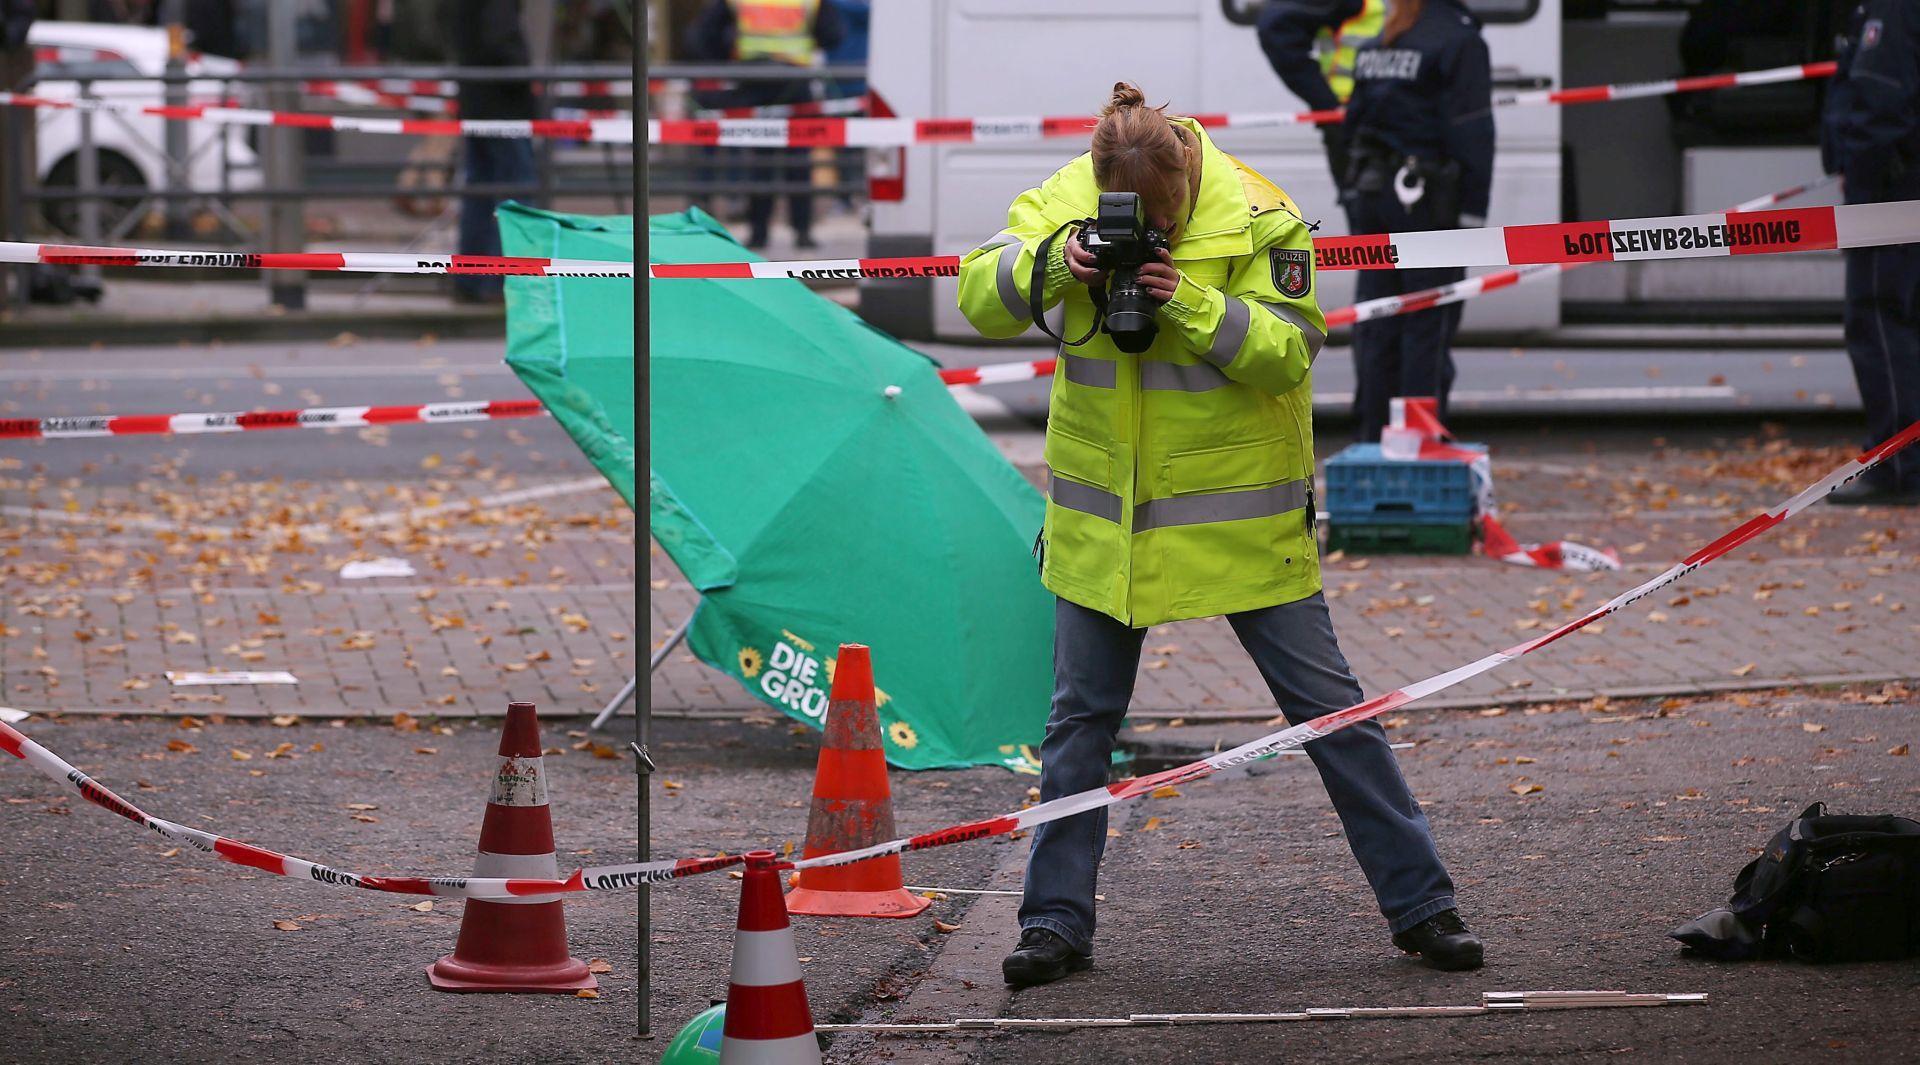 HENRIETTE REKER Kandidatkinja za gradonačelnicu Kölna izbodena u vrat, uhićen napadač